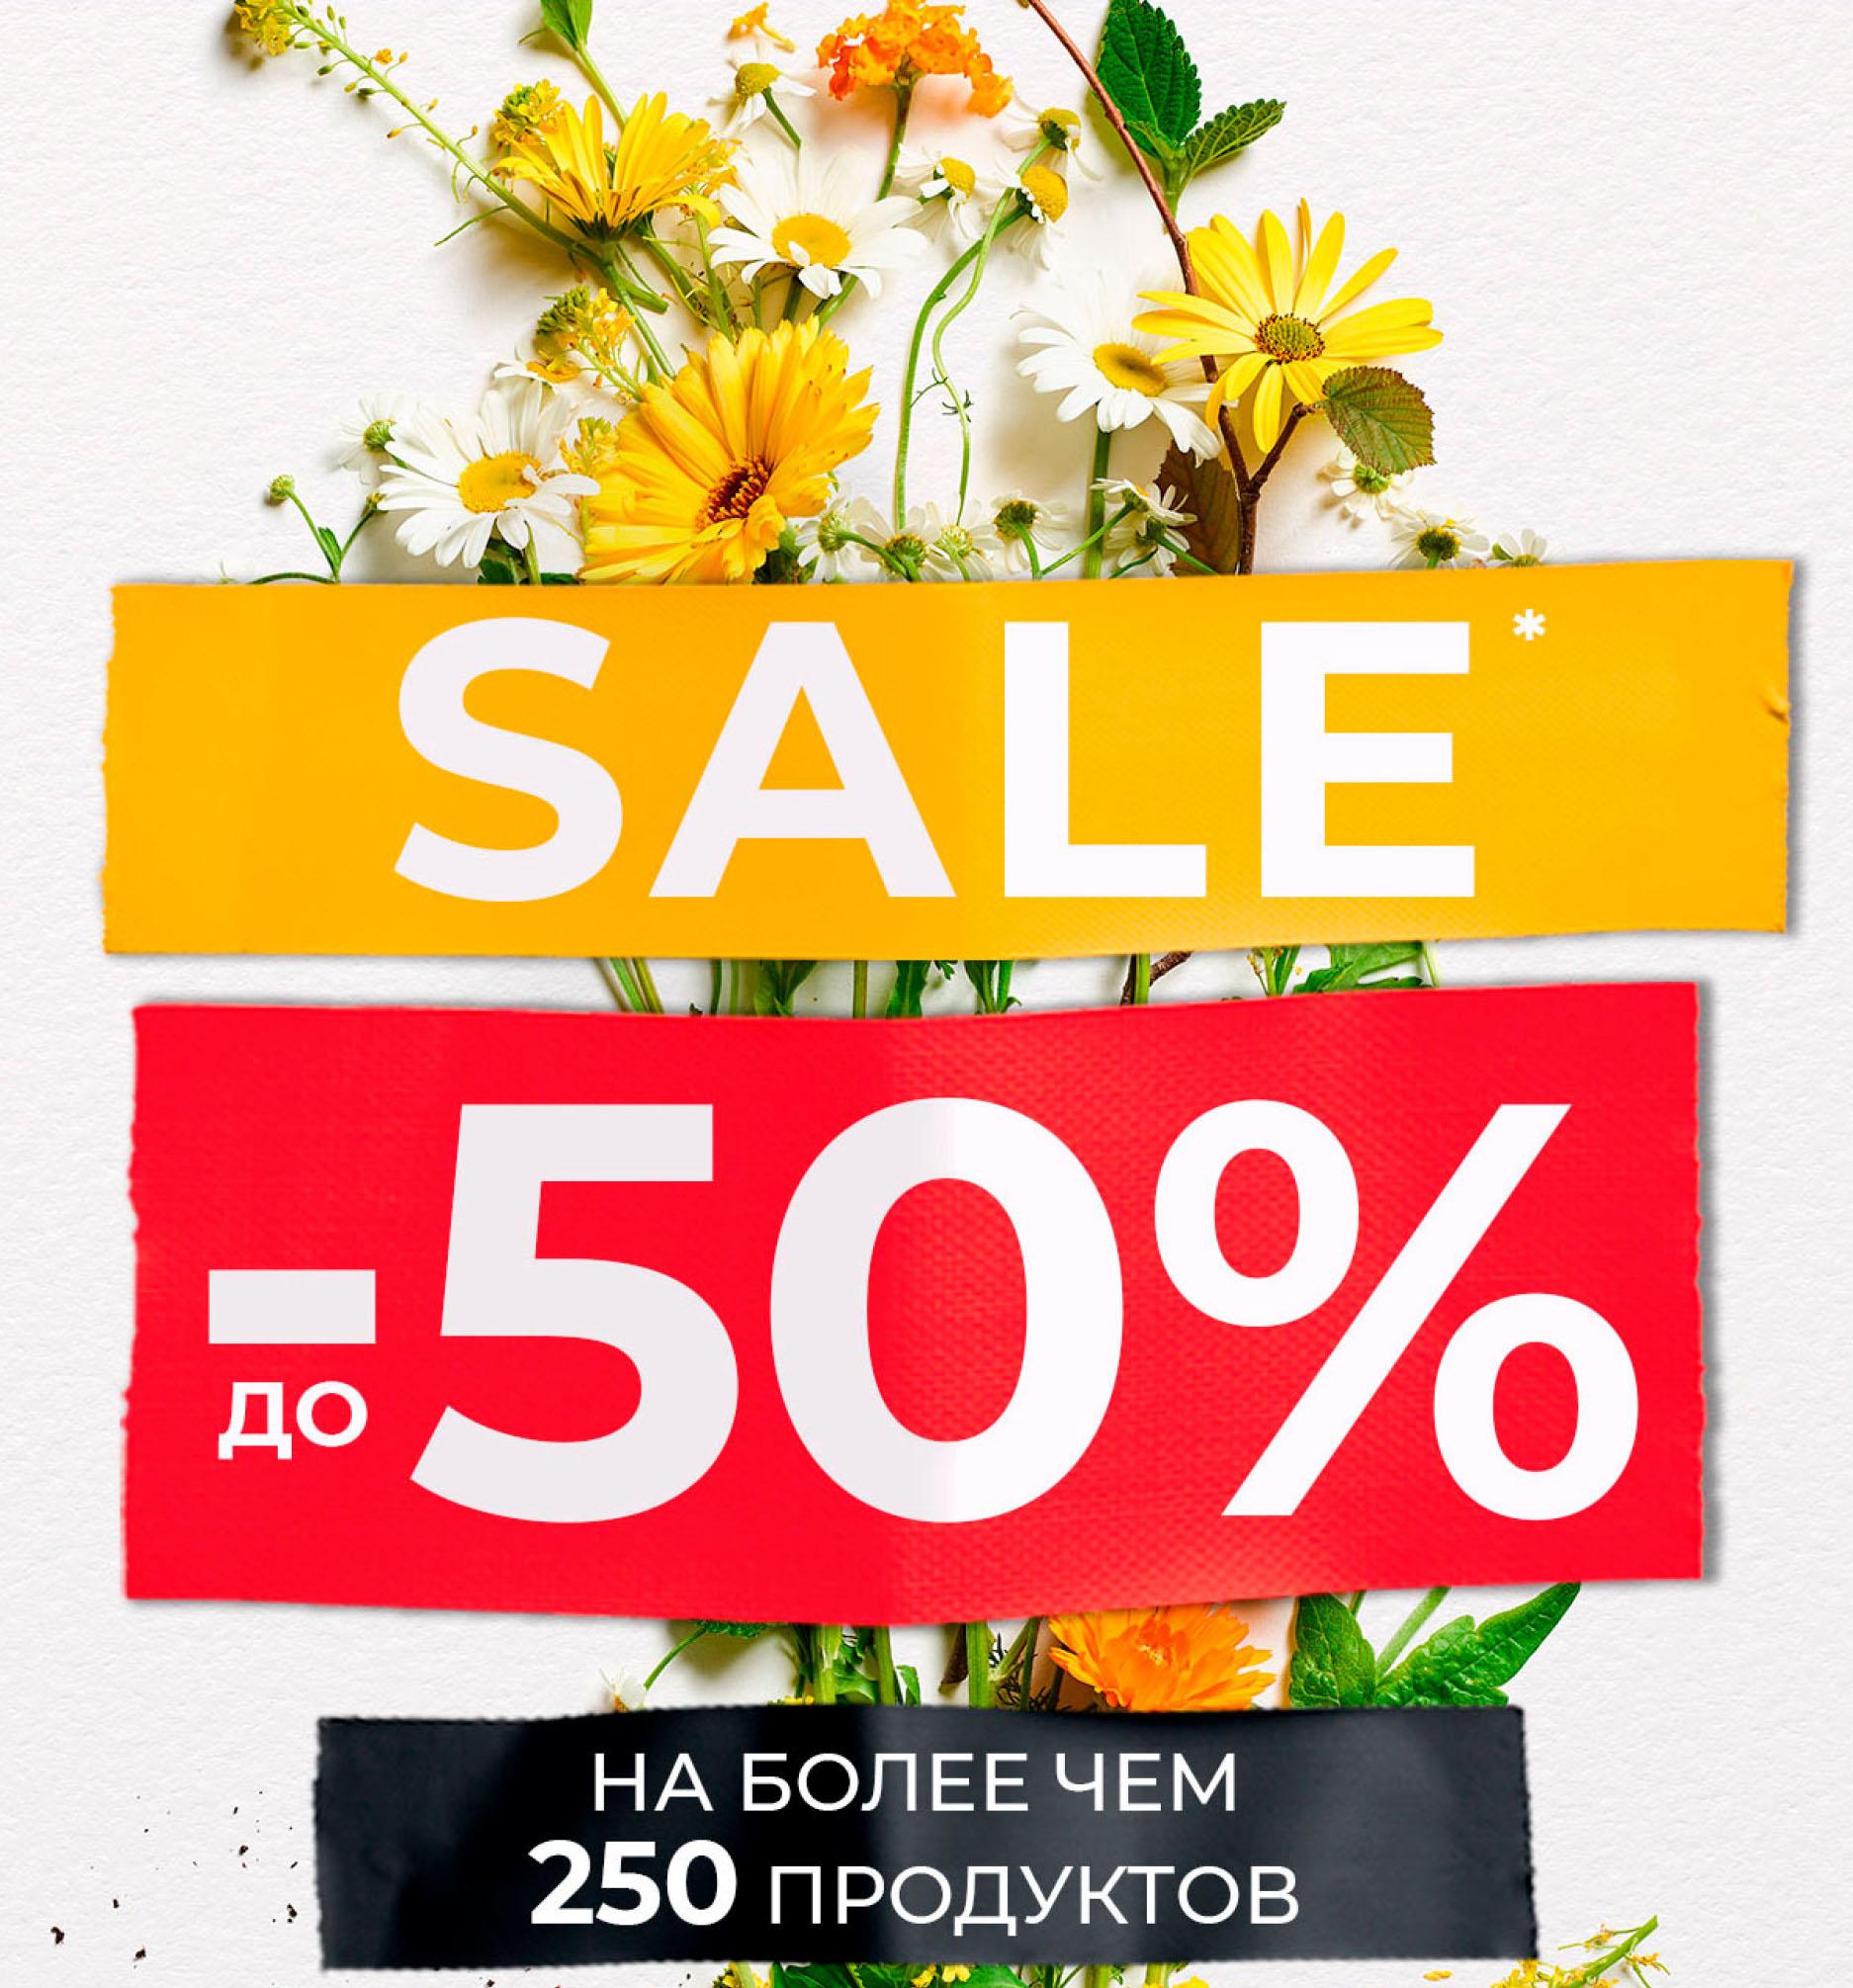 😍 SALE! До -50% и НАСТОЛЬНАЯ ЛАМПА в подарок!